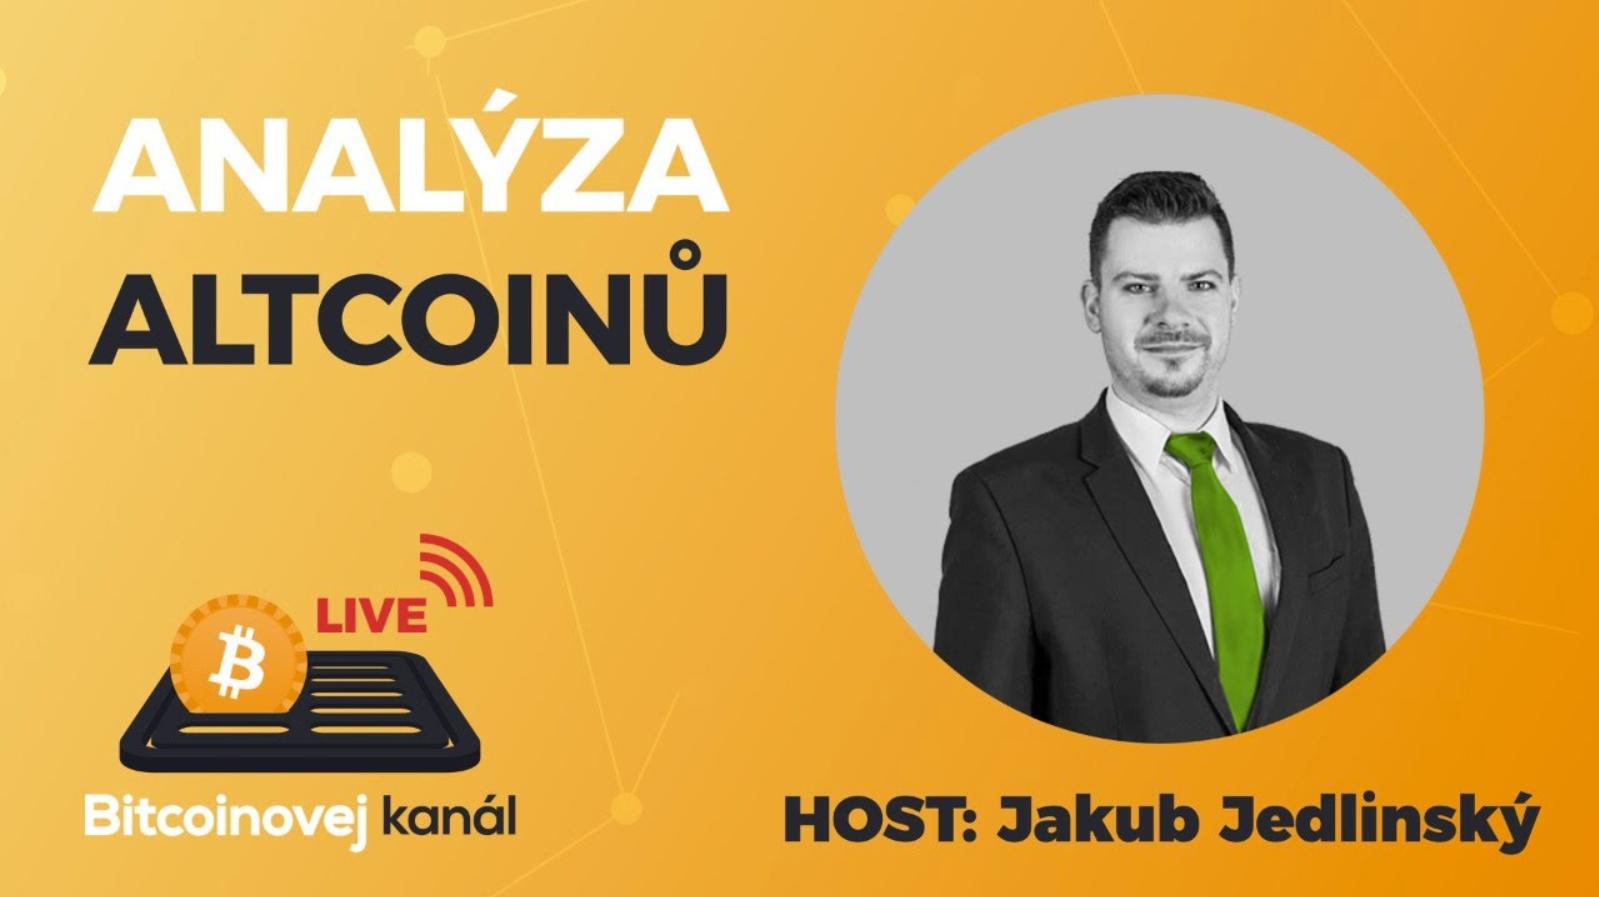 Jakub Jedlinský pro Bitcoinovej kanál